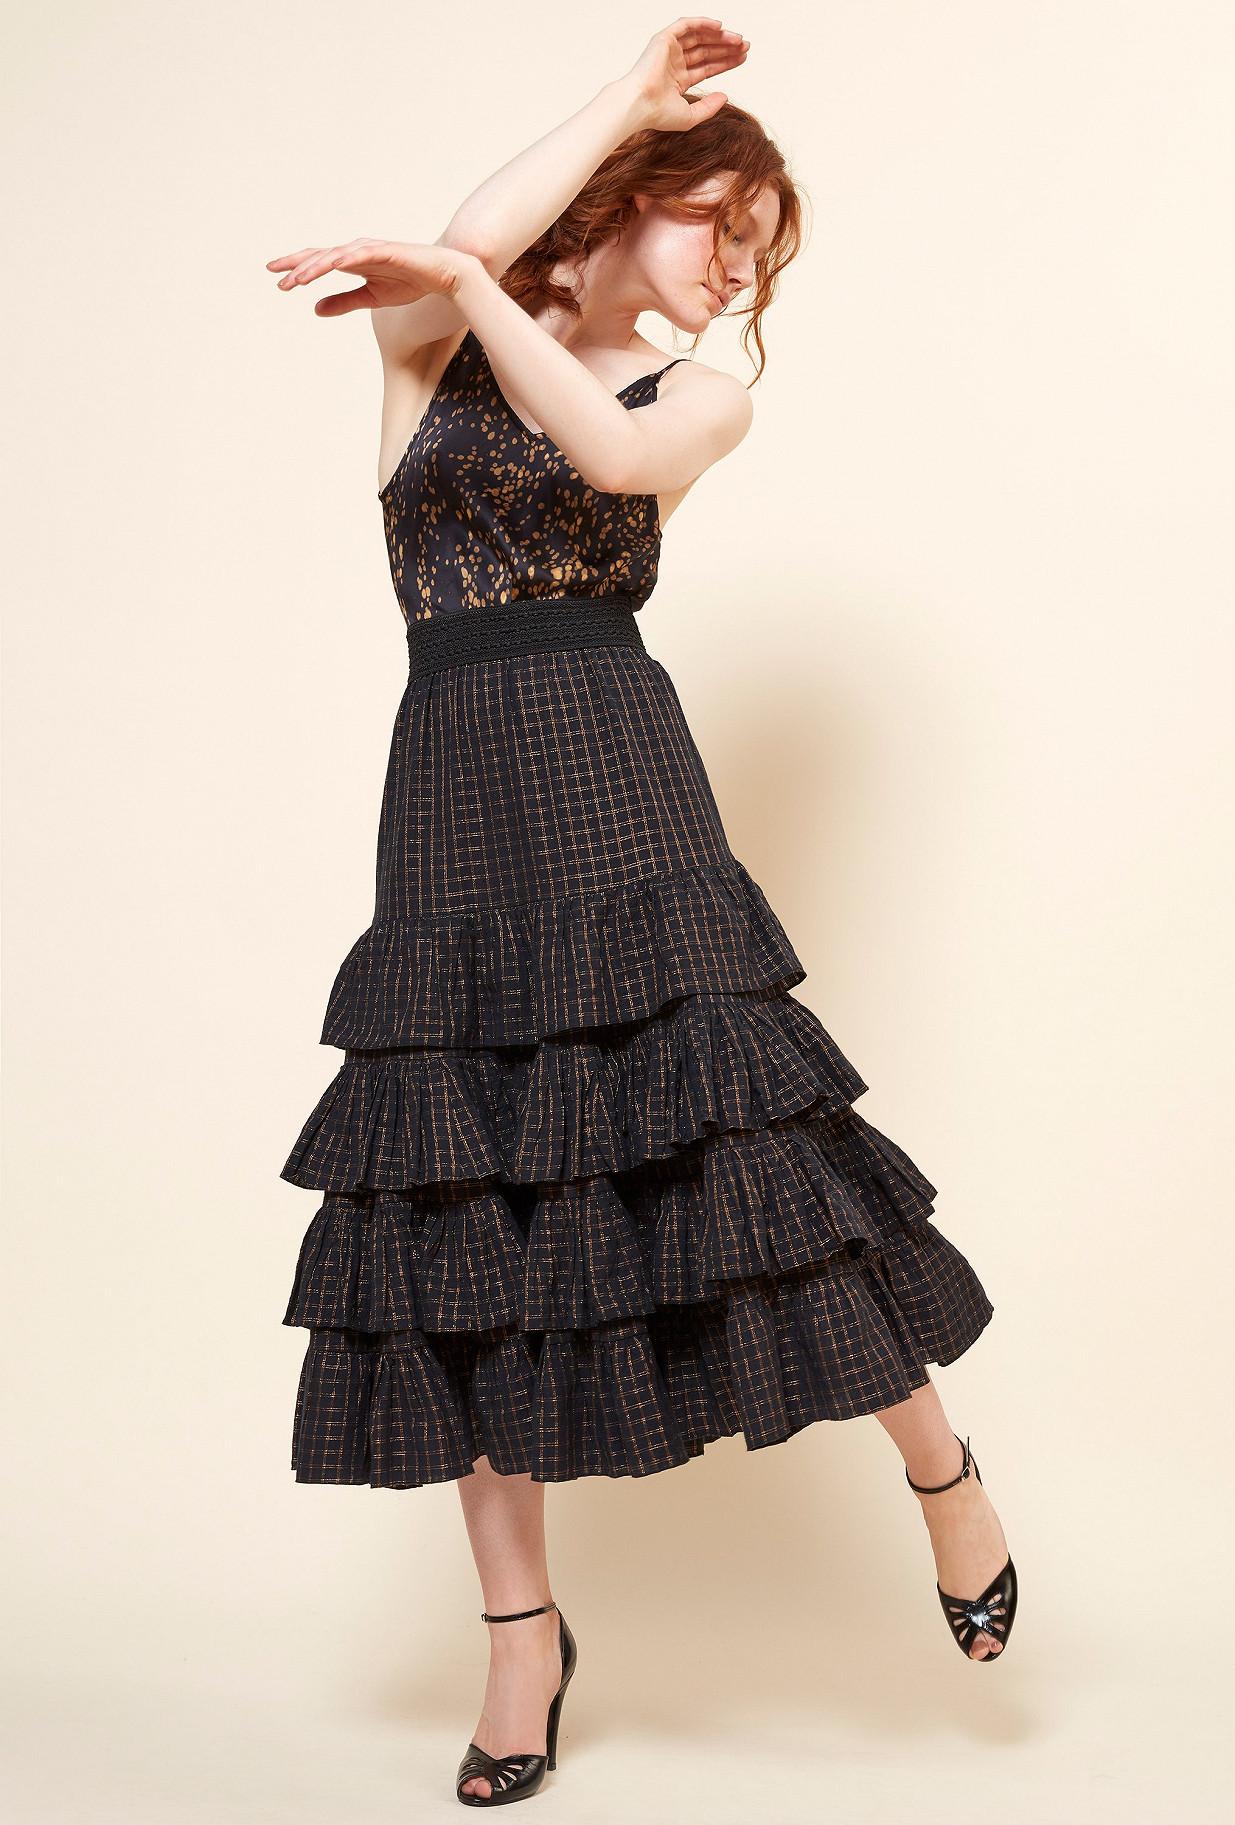 Paris boutique de mode vêtement Jupe créateur bohème  Suffragette